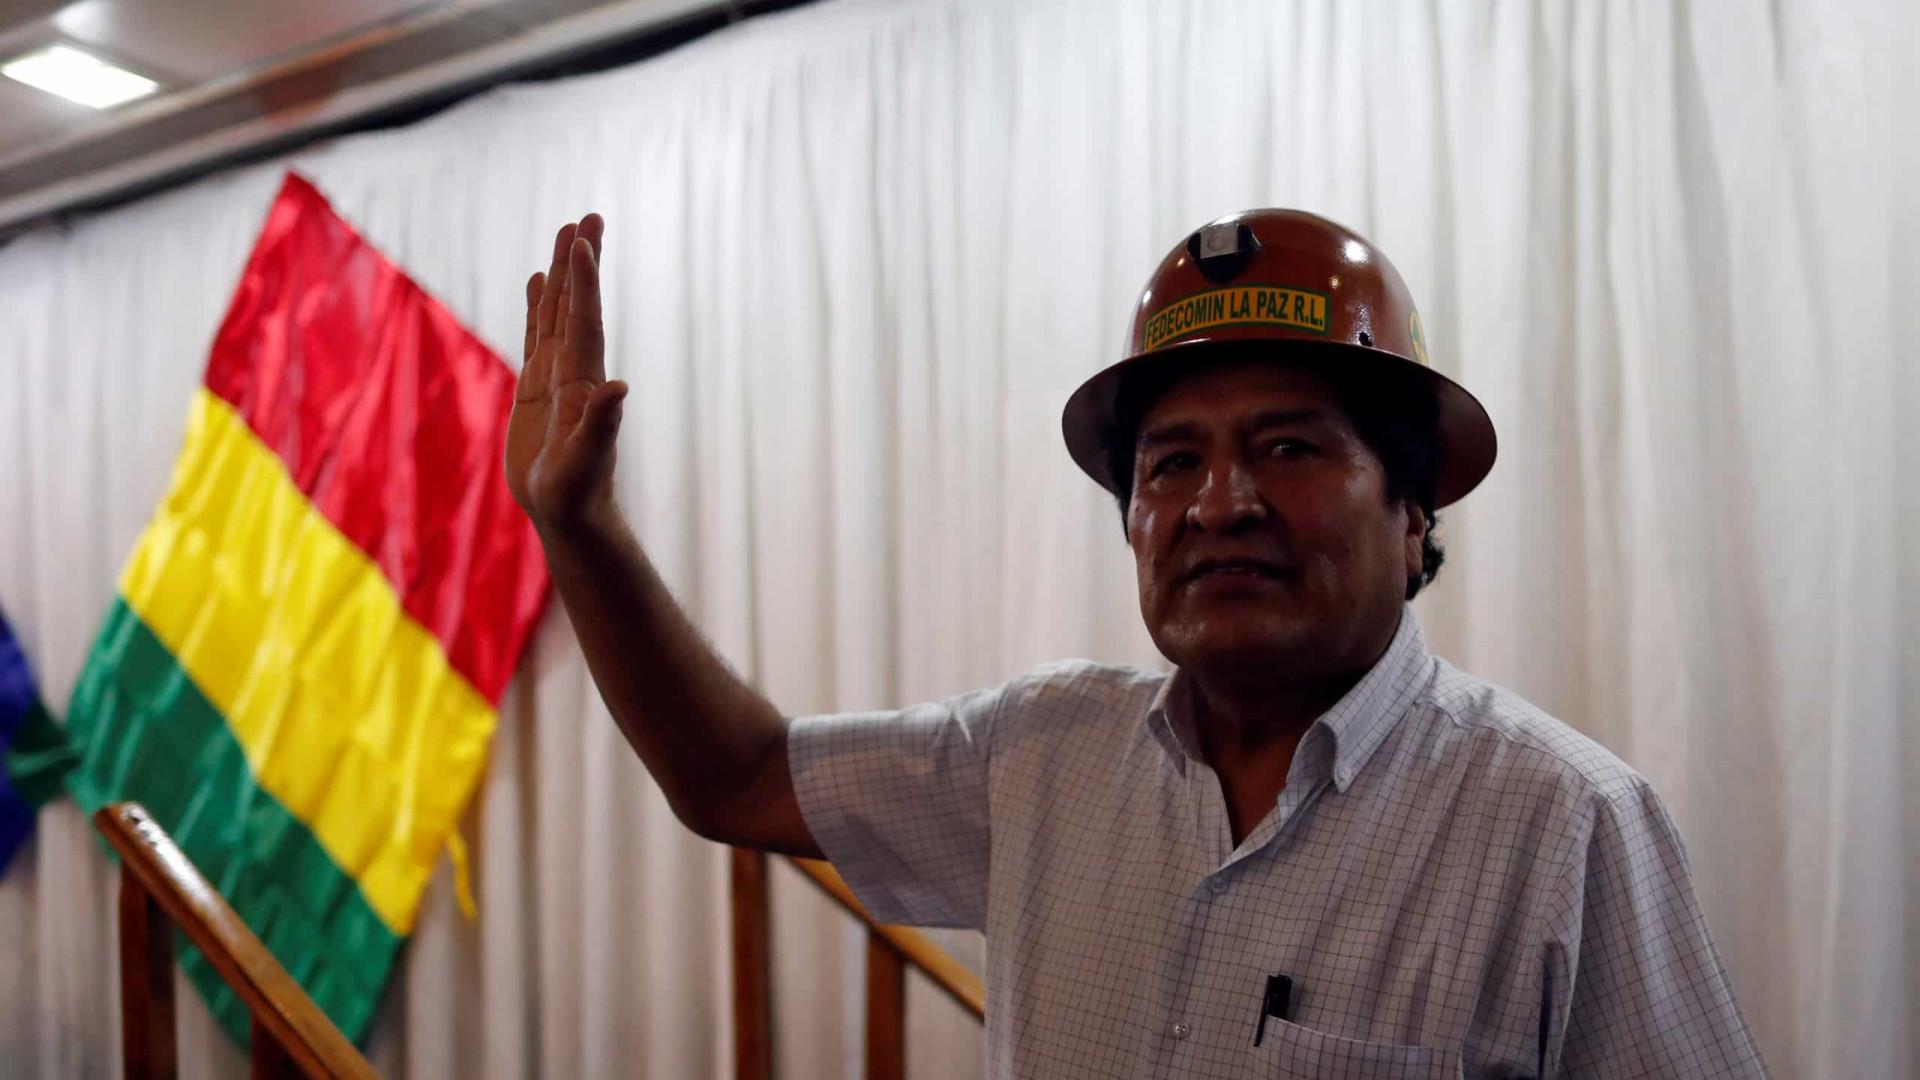 Partido de Evo Morales anuncia em janeiro candidato à presidência